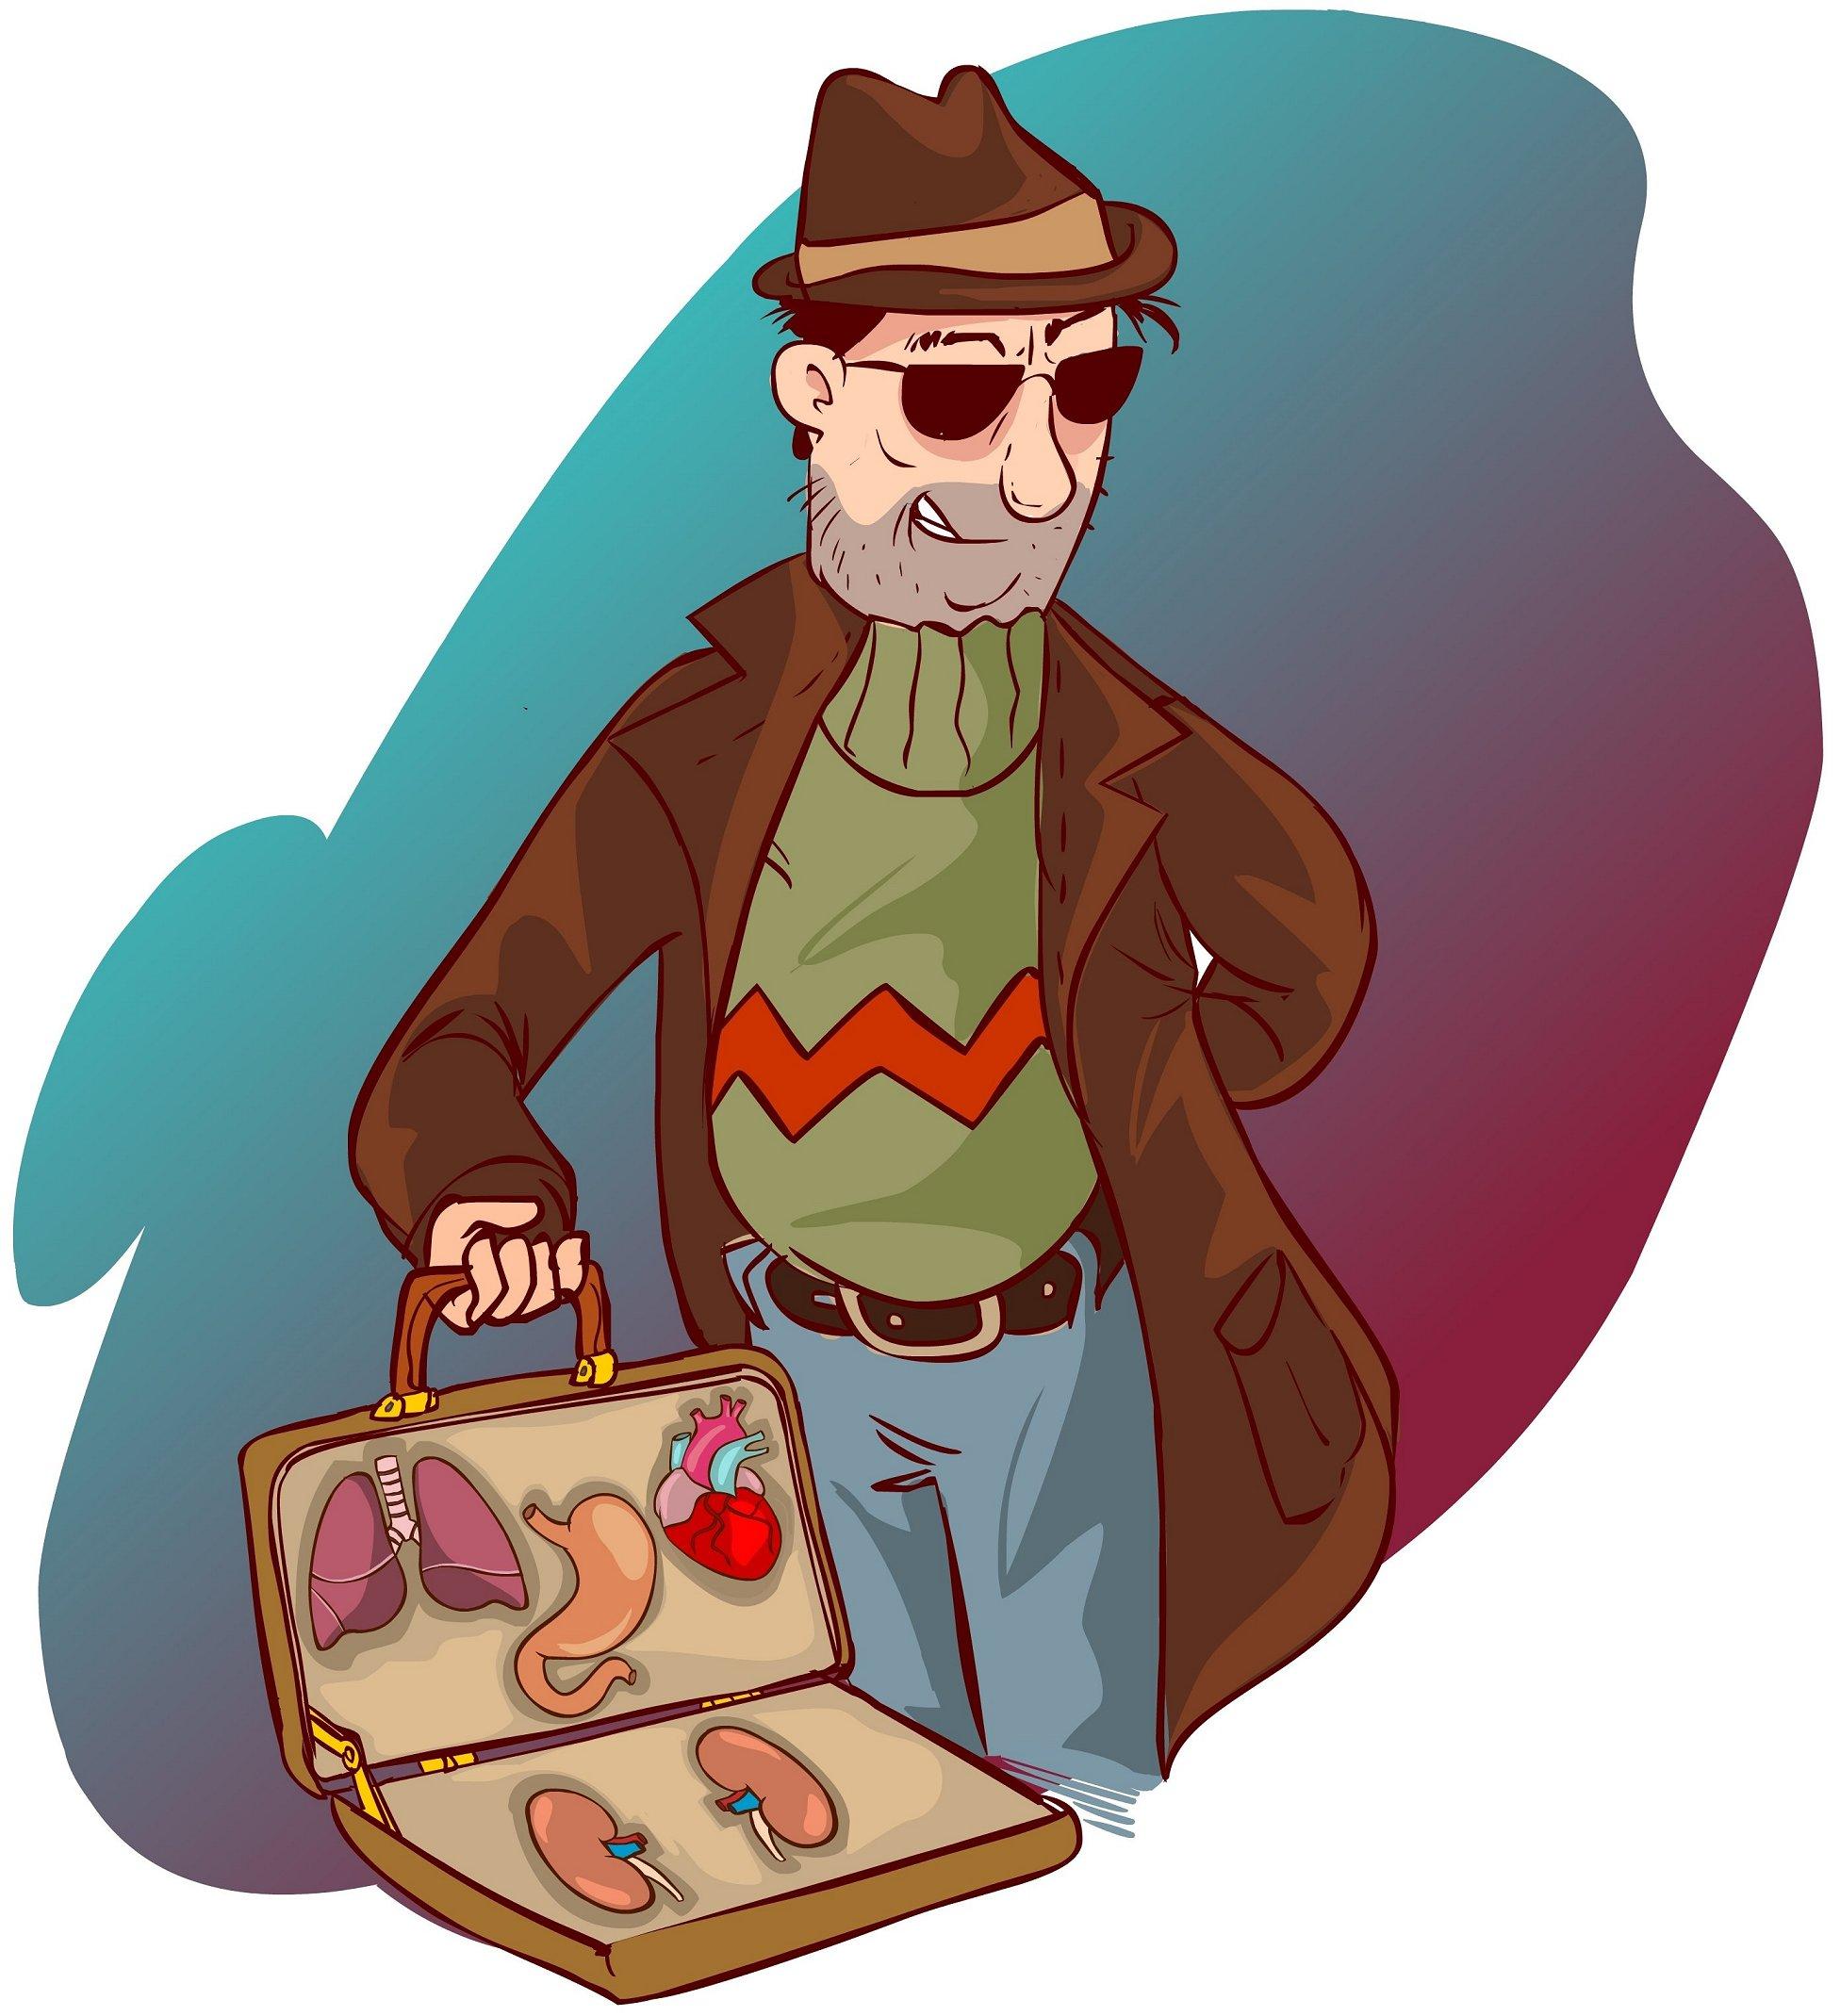 סוחר עם מזוודה מלאה באיברים